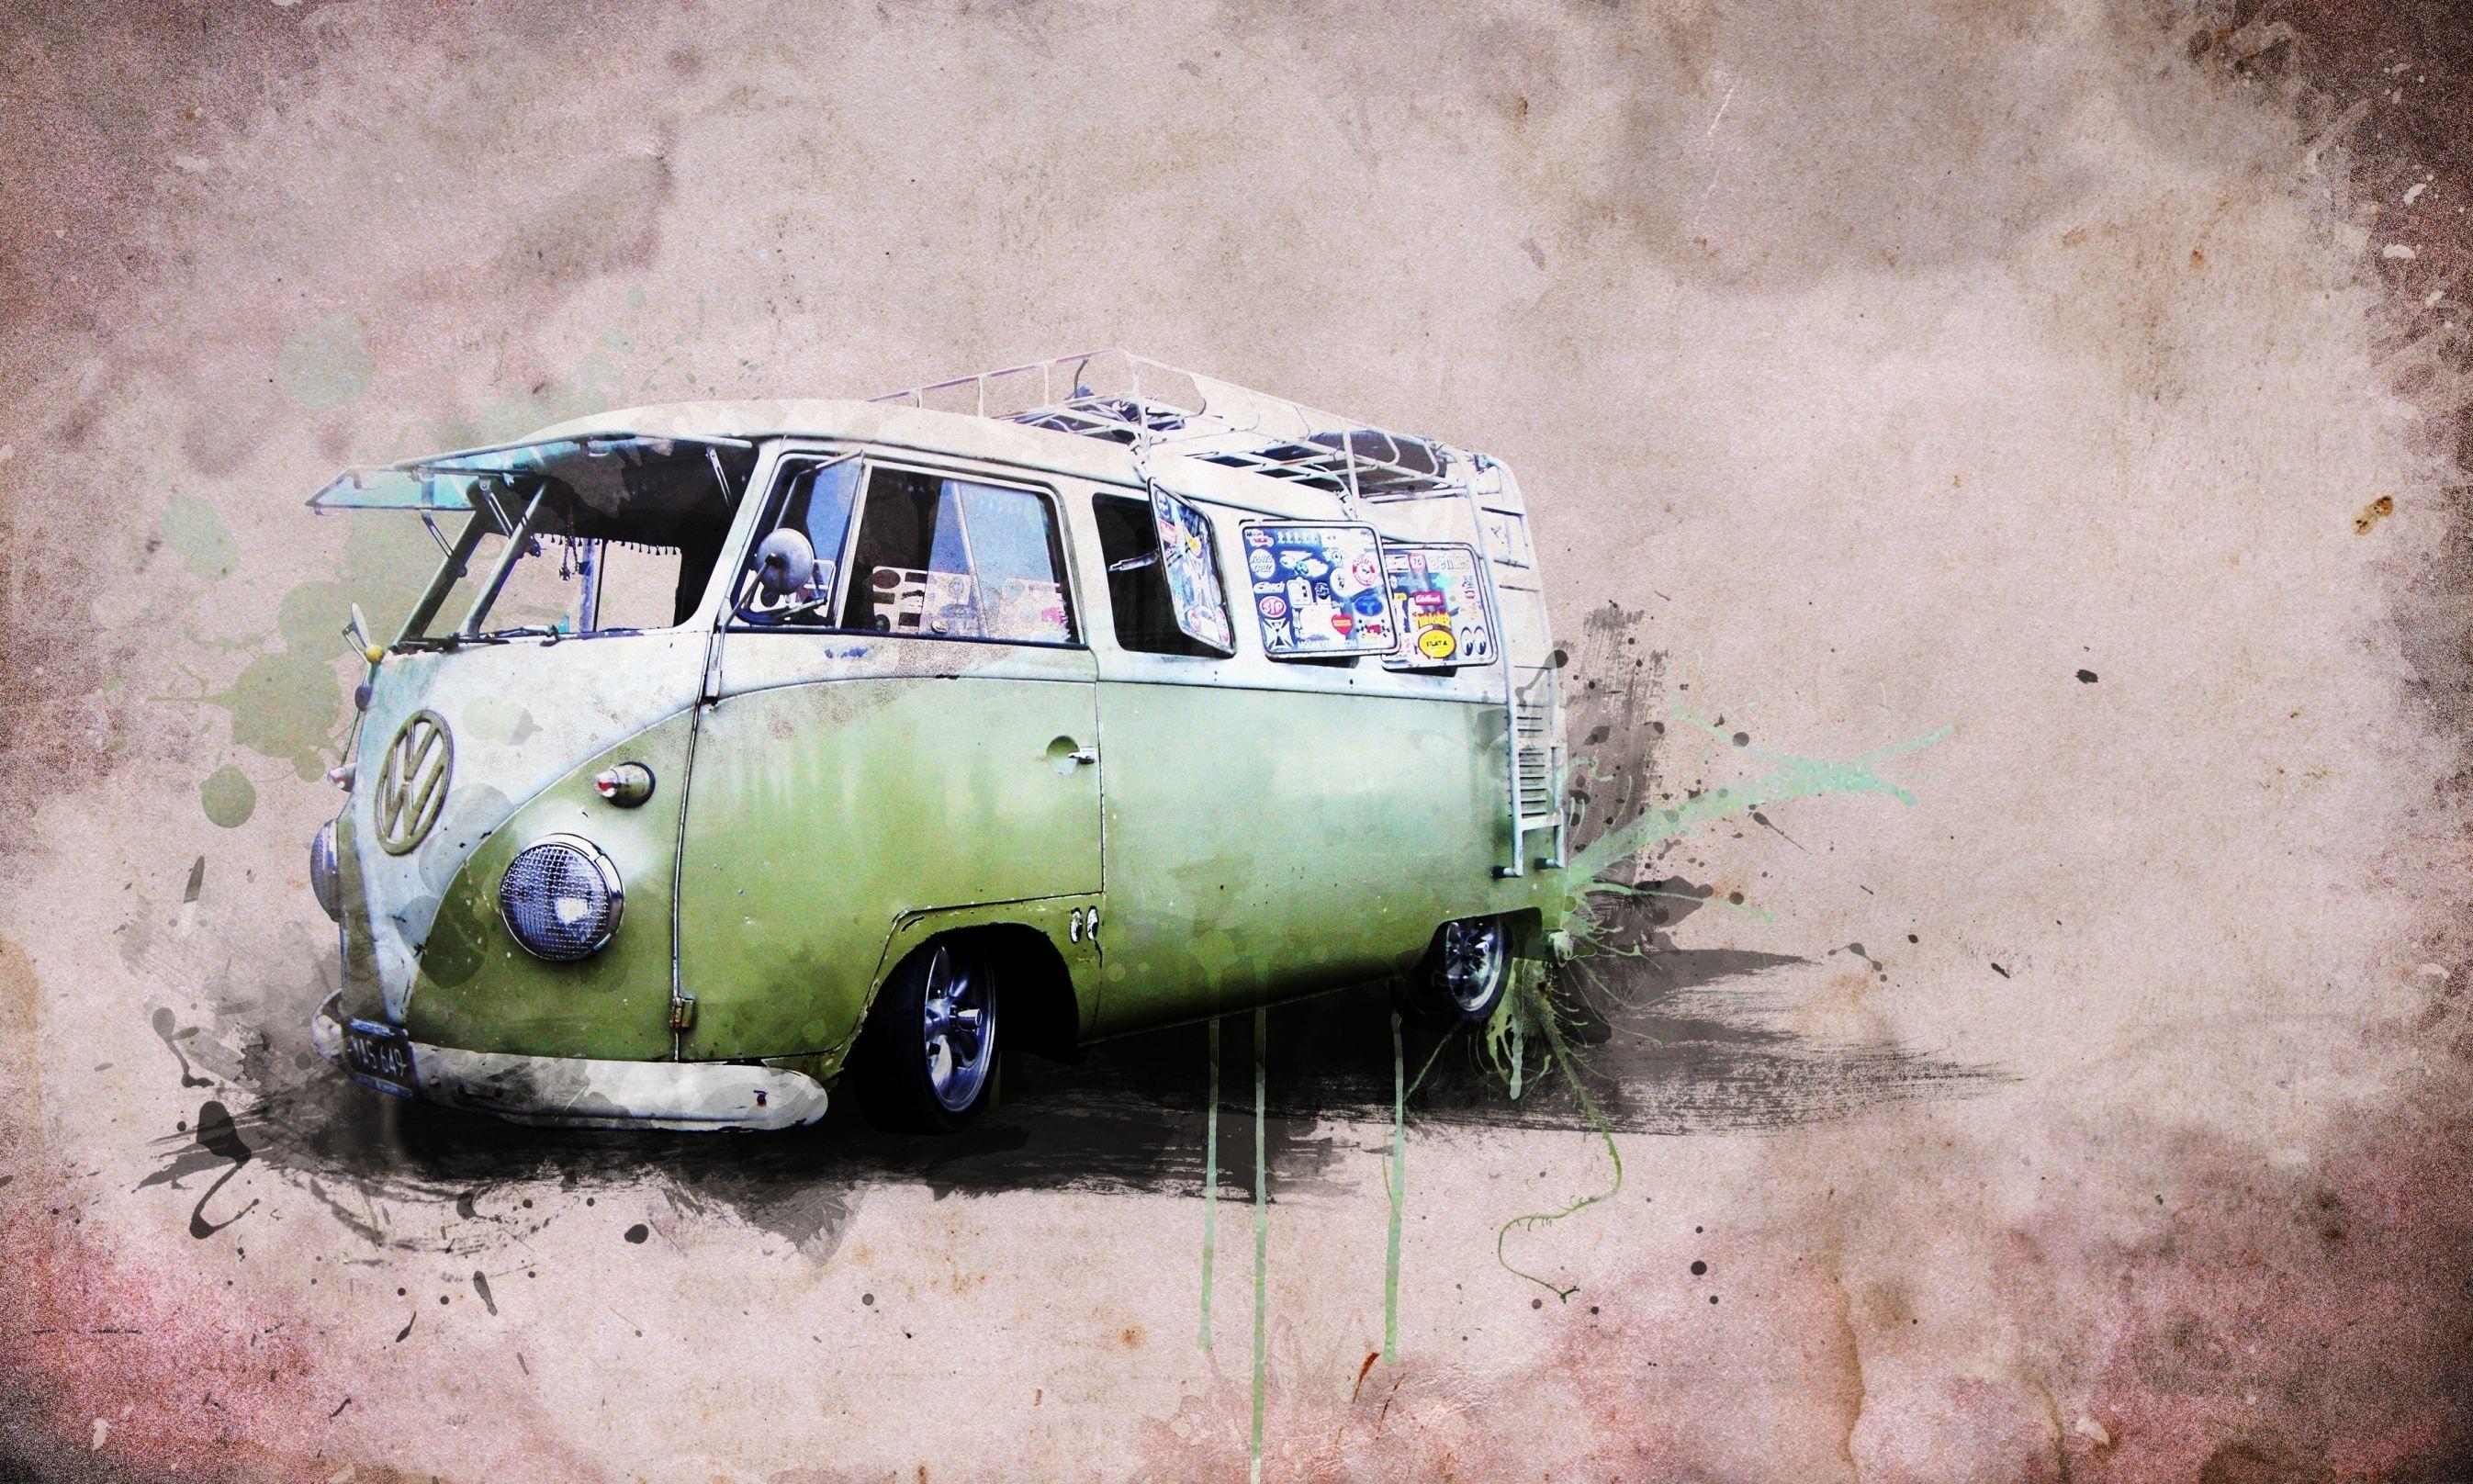 Style Creativity Creative Hippies The Van Volkswagen Transporter 1